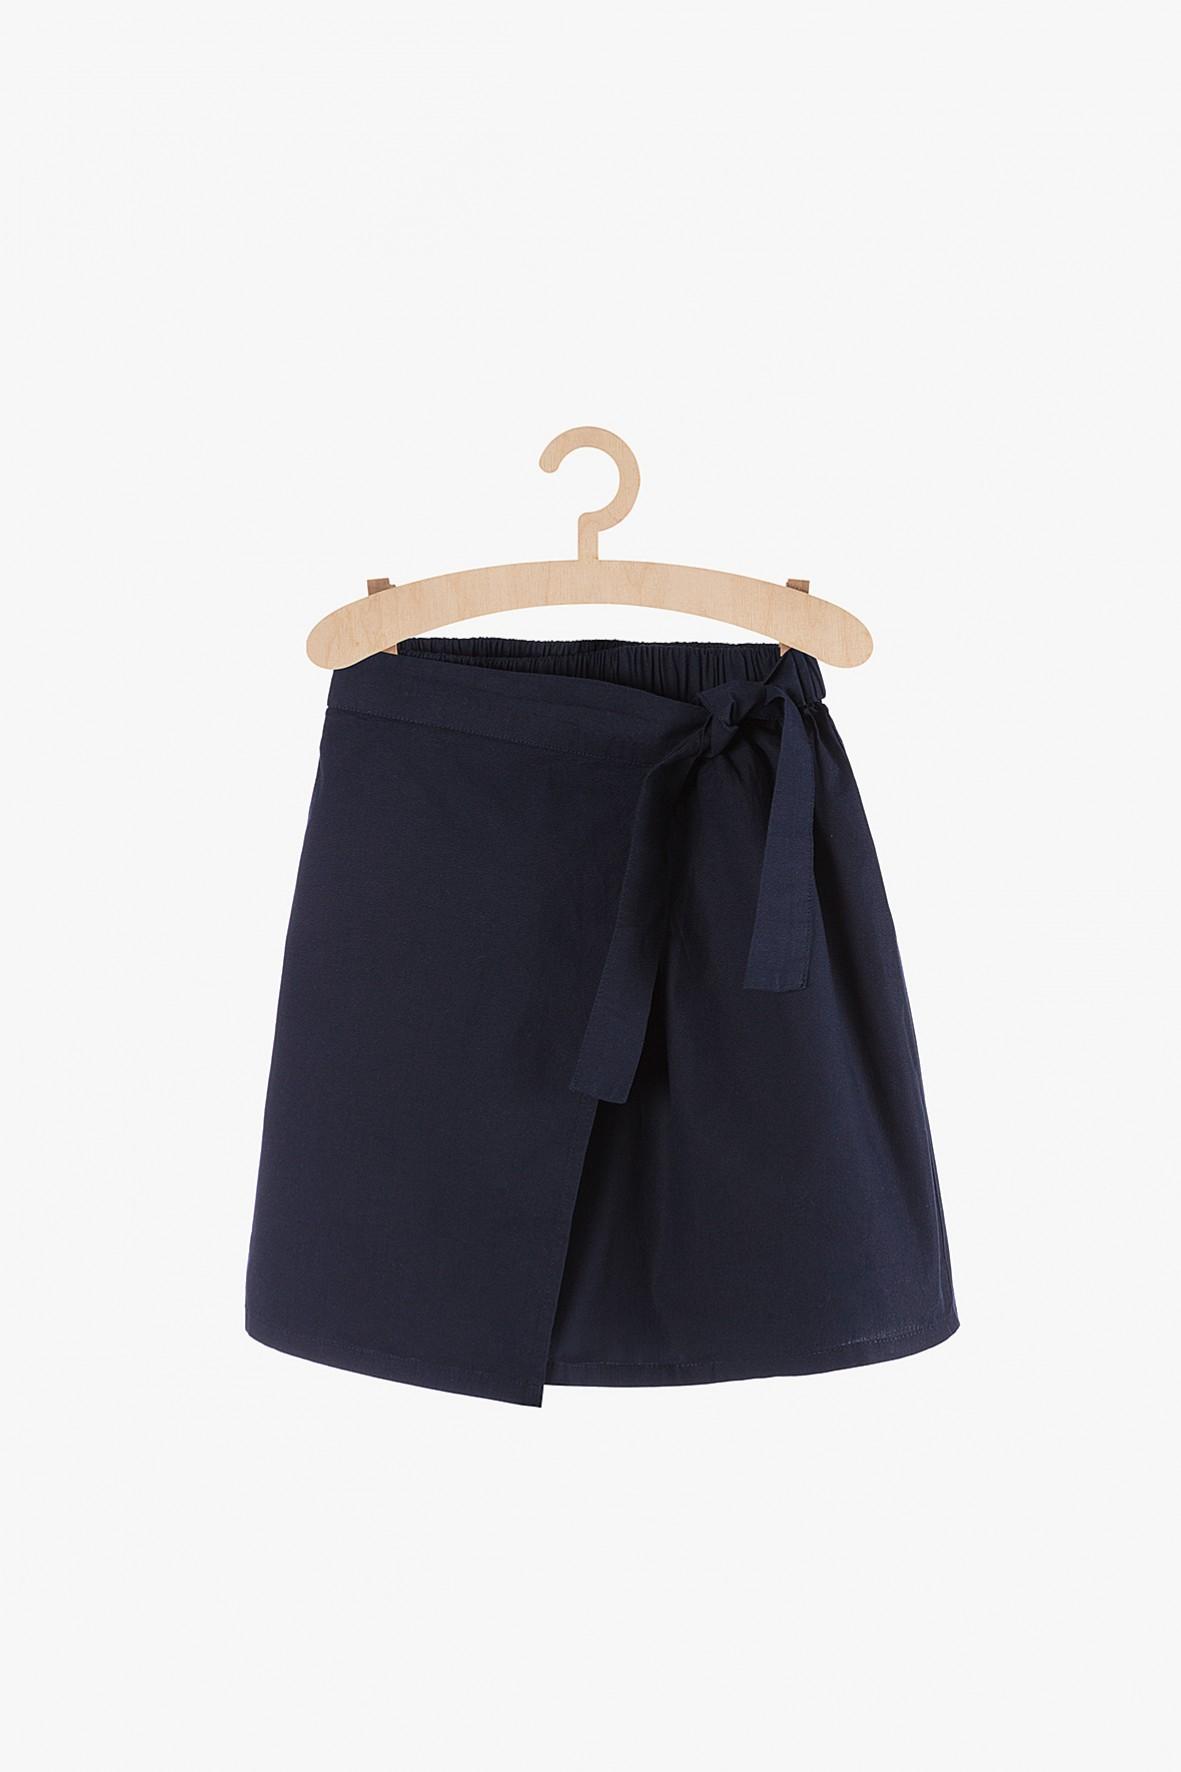 Spódnica dziewczęca granatowa z ozdobnym wiązaniem